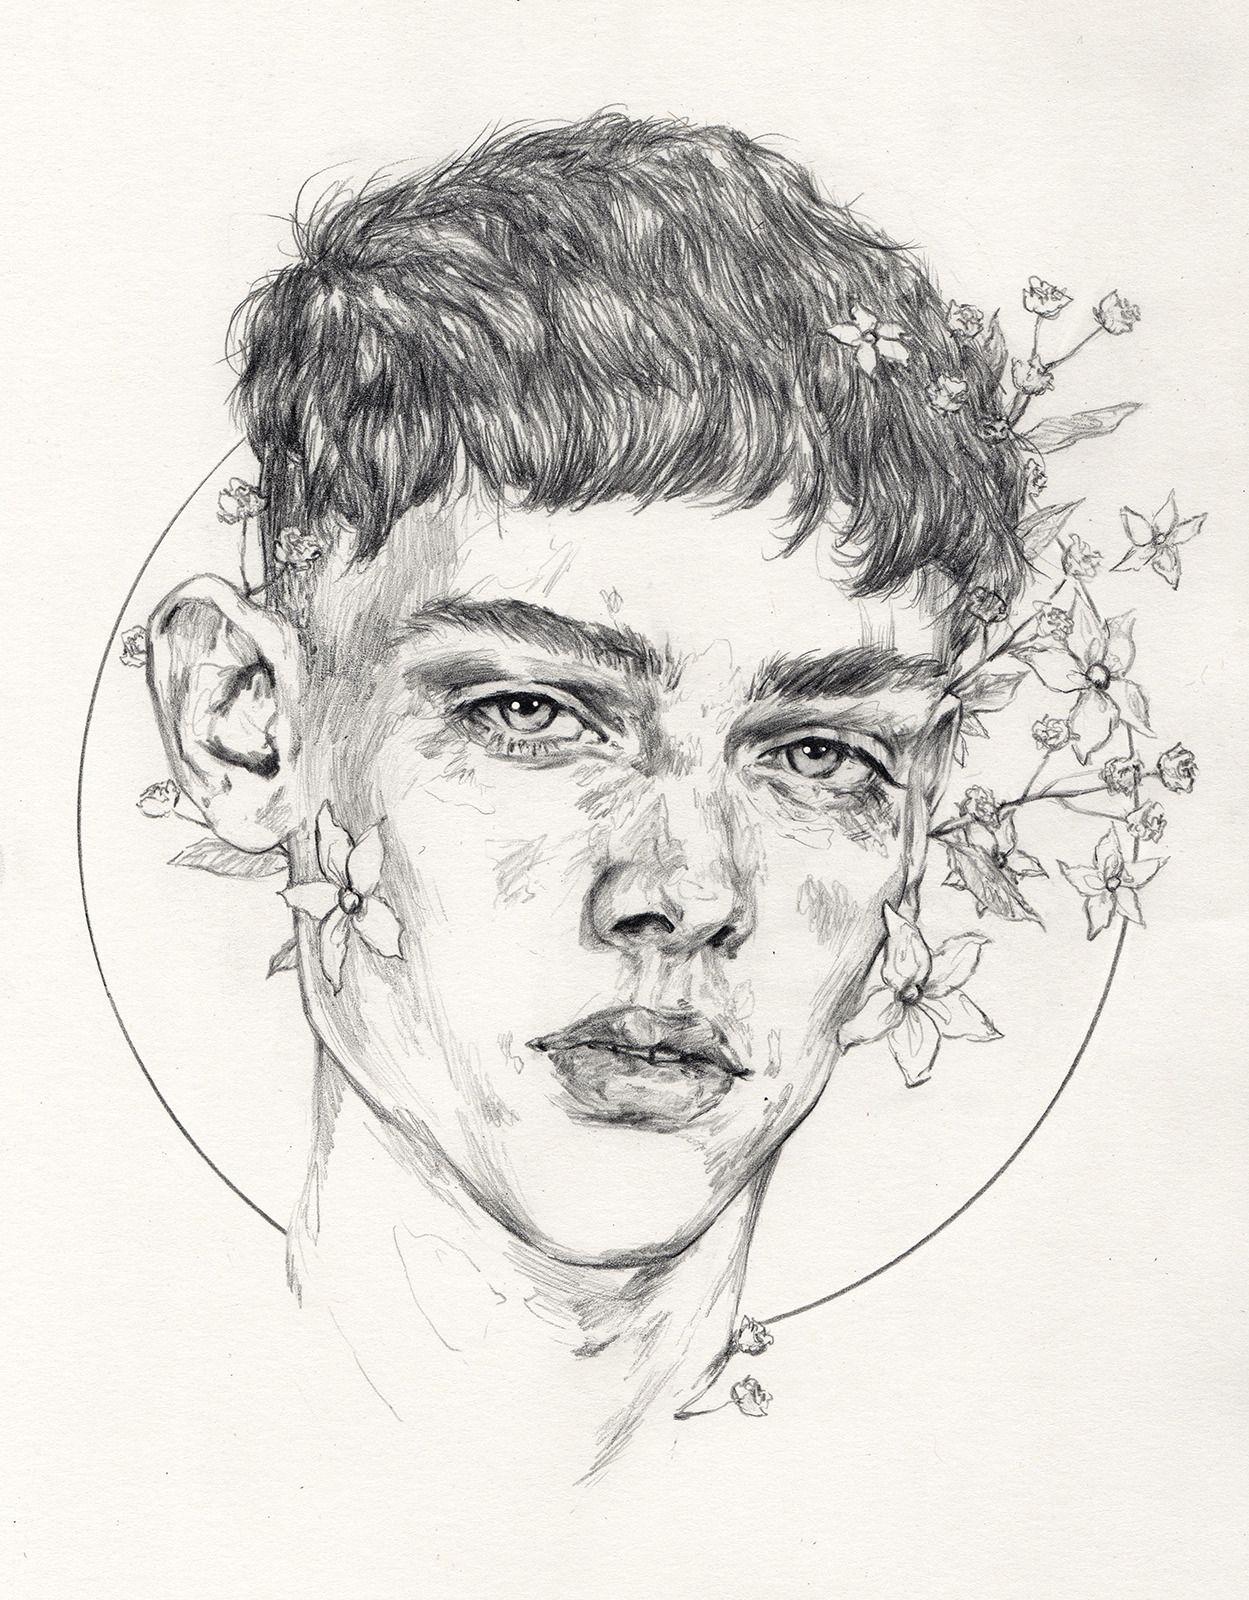 Imagen relacionada sketches of boys sketches of faces boy sketch sketches of people